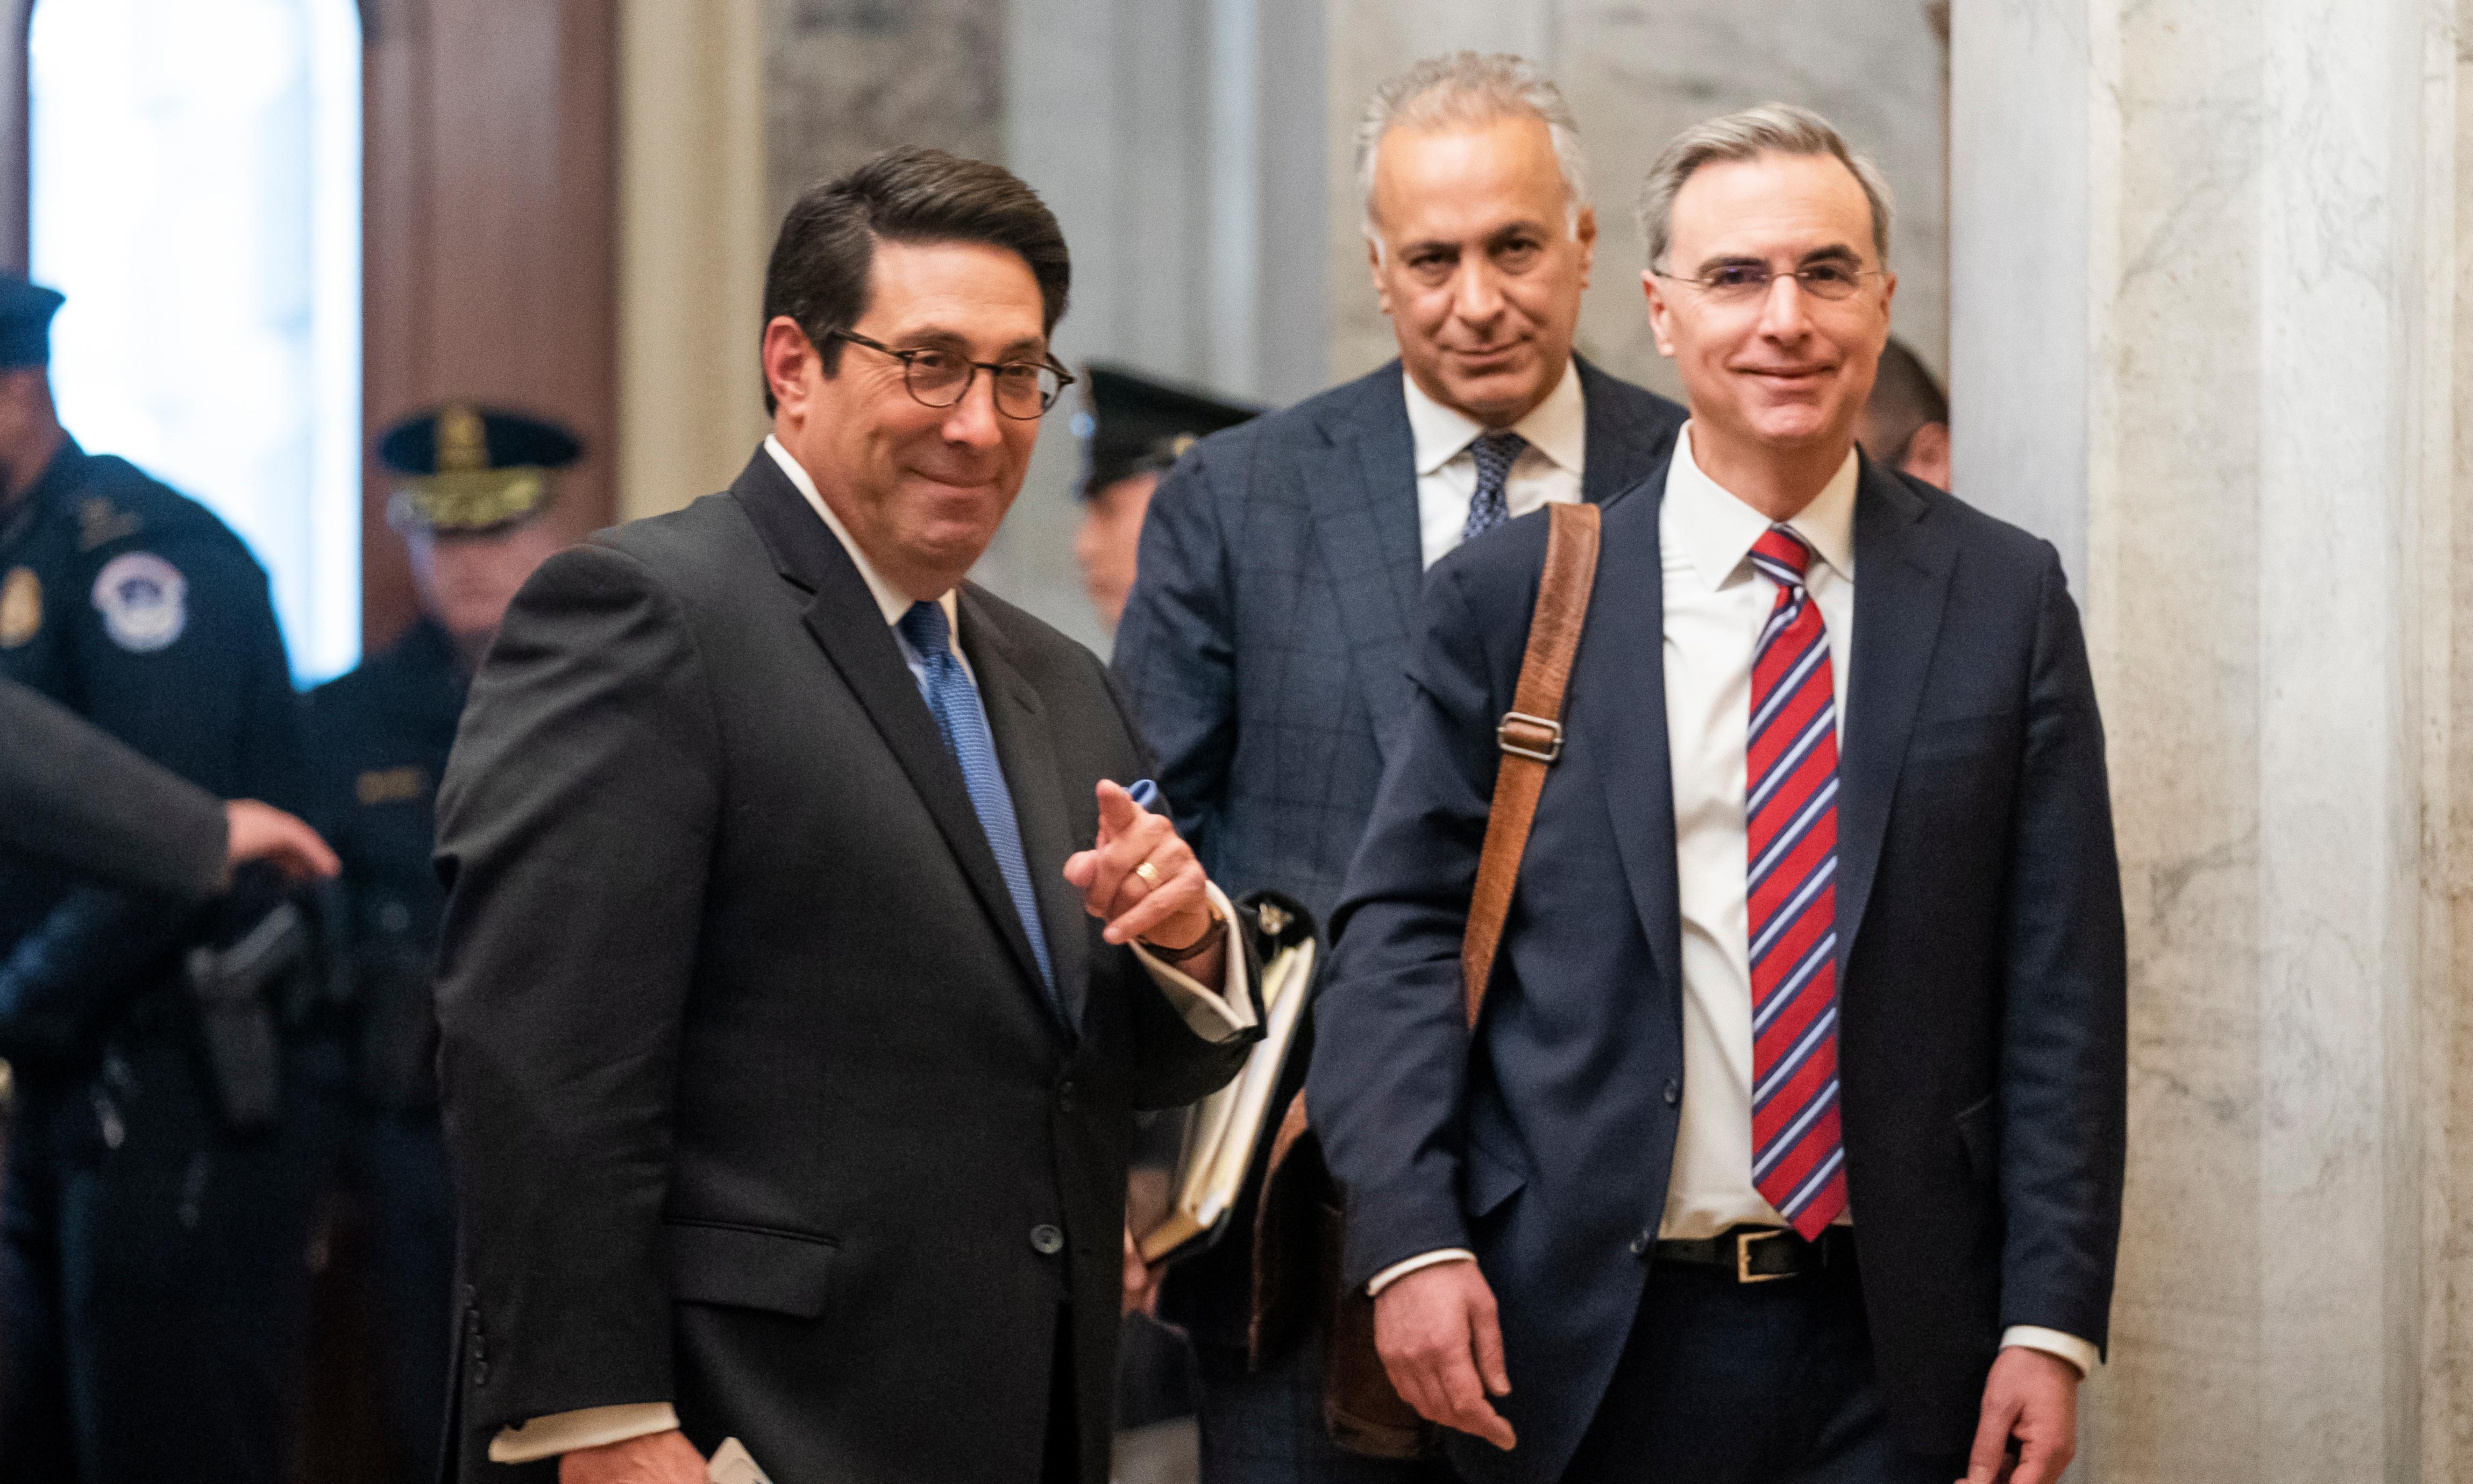 Meet the team defending Trump in his impeachment trial